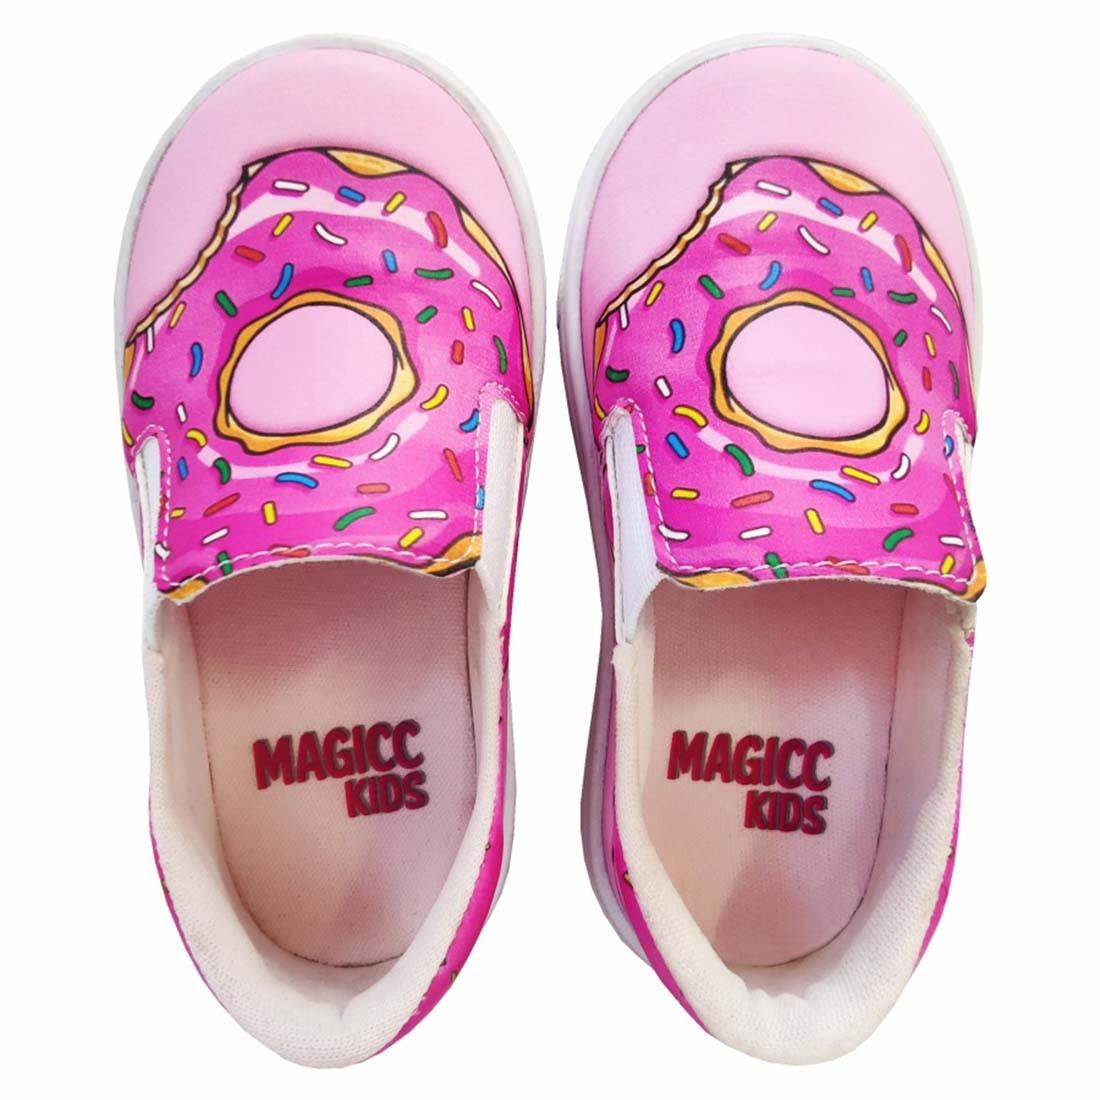 Kit Infantil Bolsa e Tênis Donut's, Magicc Kids